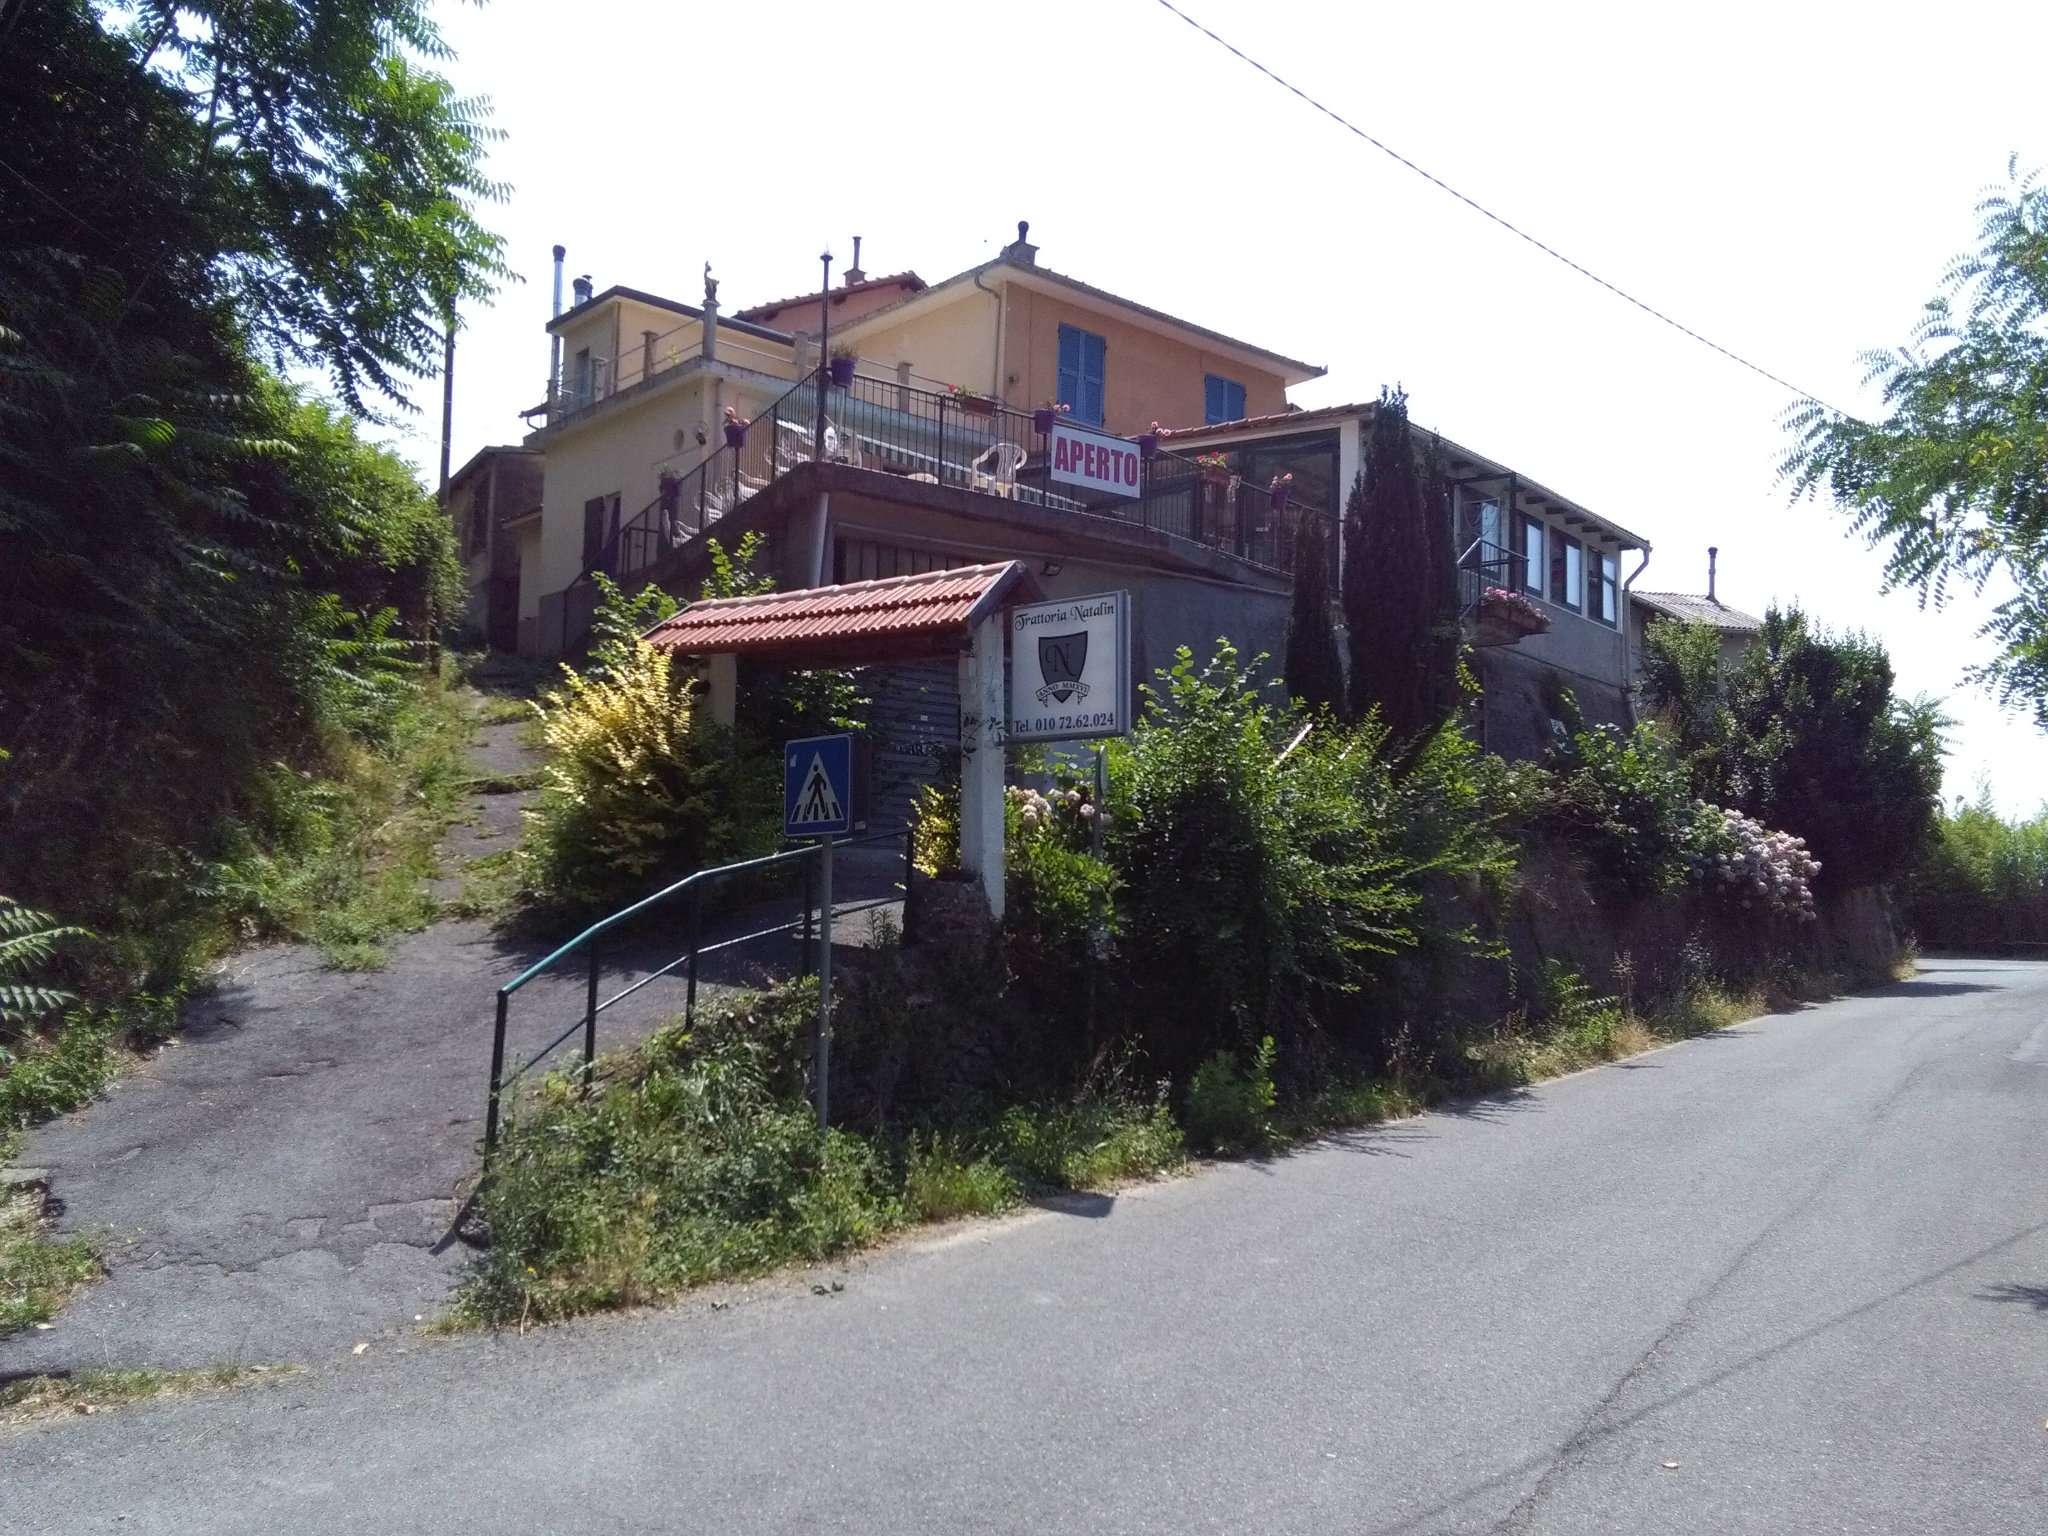 Negozio / Locale in vendita a Ceranesi, 13 locali, prezzo € 249.000 | CambioCasa.it